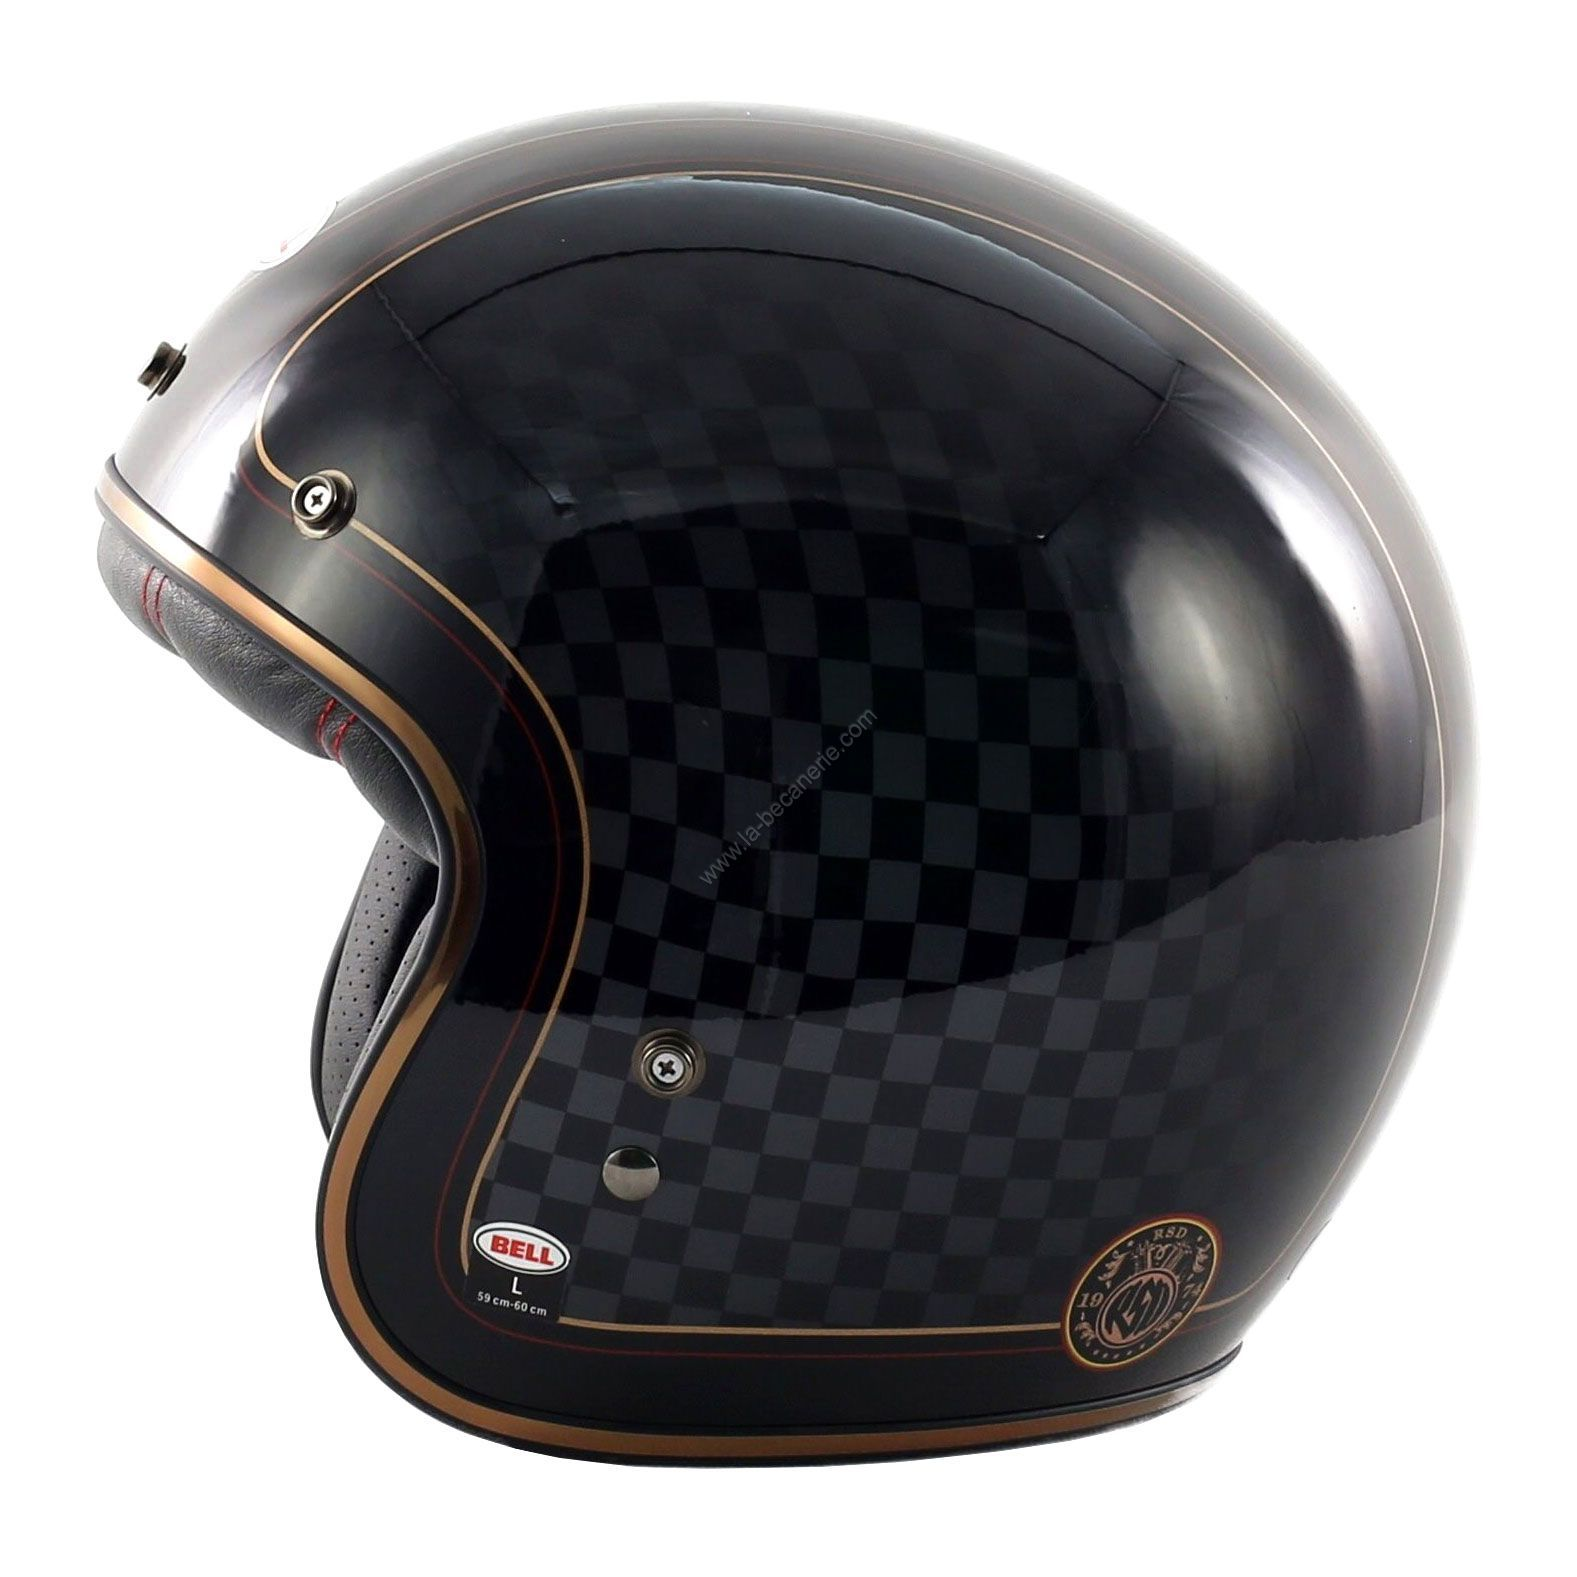 casque integral moto vintage fashion designs. Black Bedroom Furniture Sets. Home Design Ideas